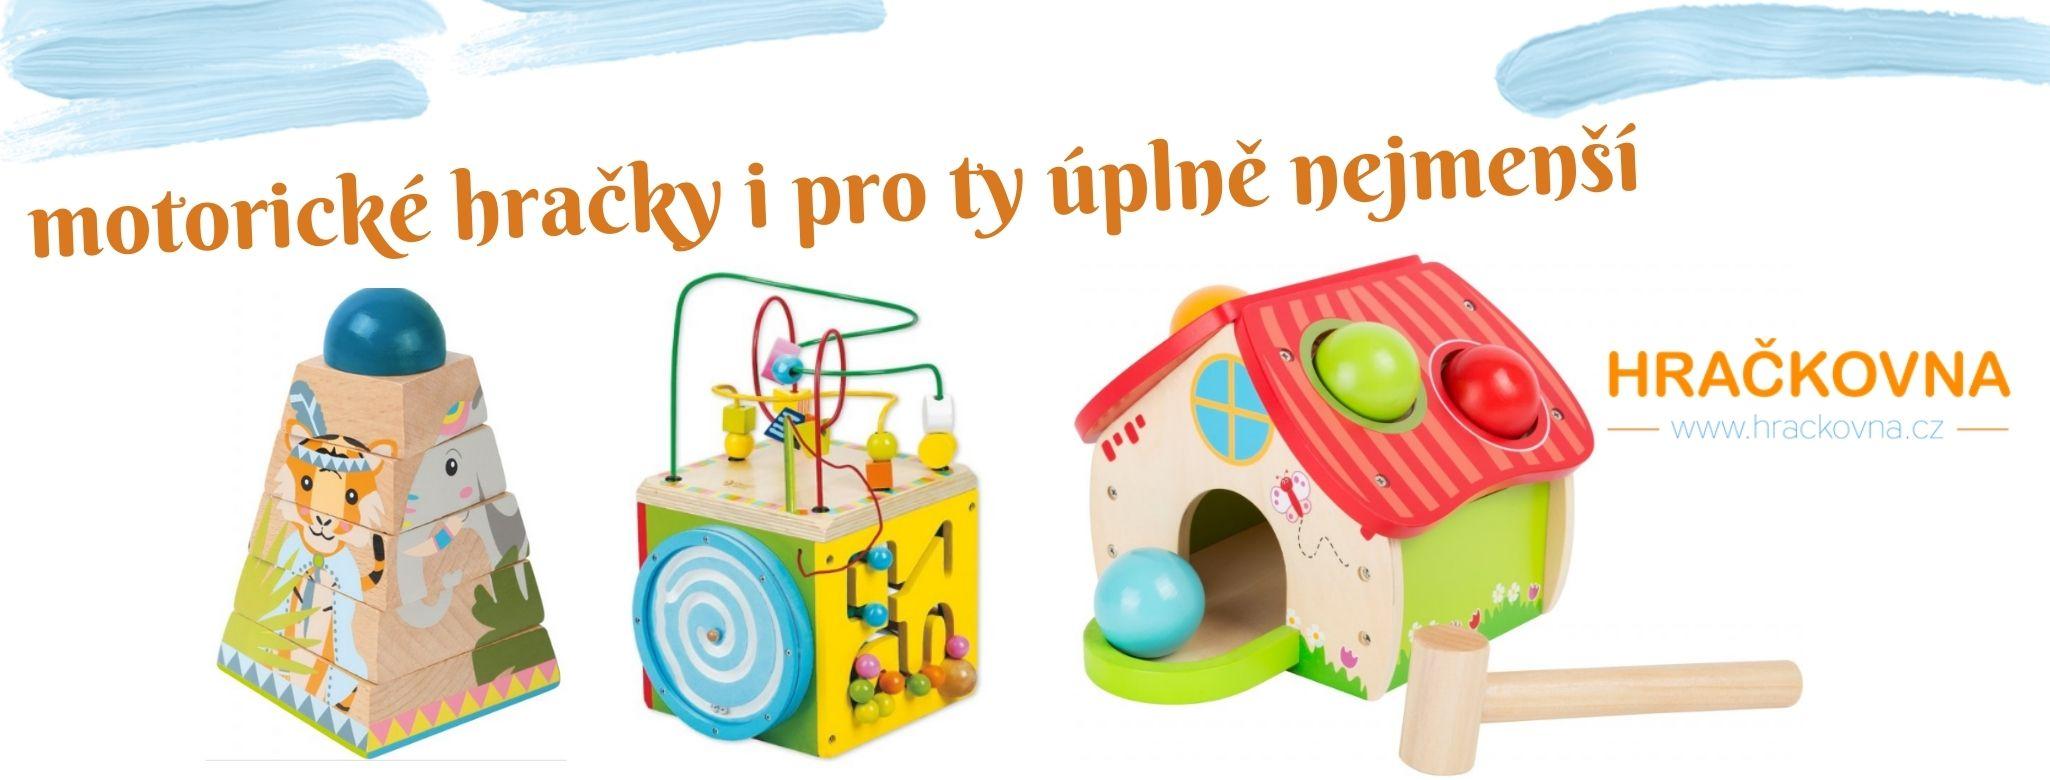 Zlepšujte zručnost dětí už od prvních měsíců! Motorické hračky jsou skvělou pomůckou